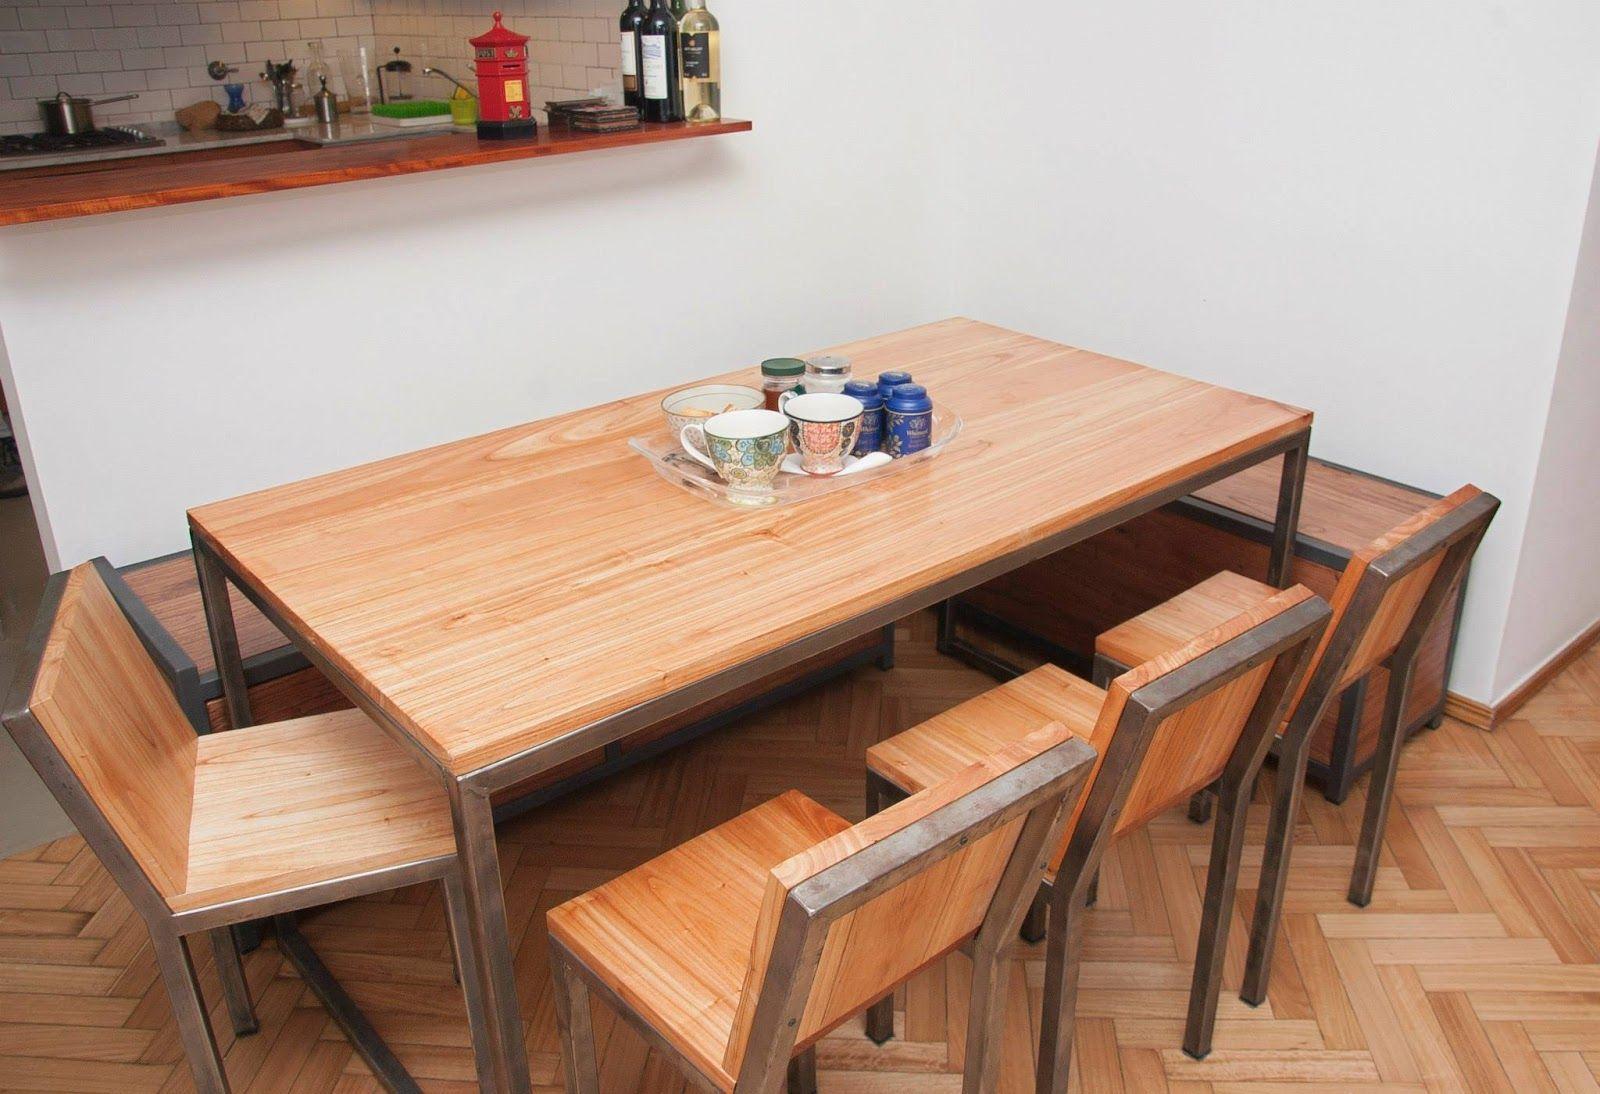 Sacha Muebles Muebles Muebles Mobiliario De Cocina Sillas Comedor Madera